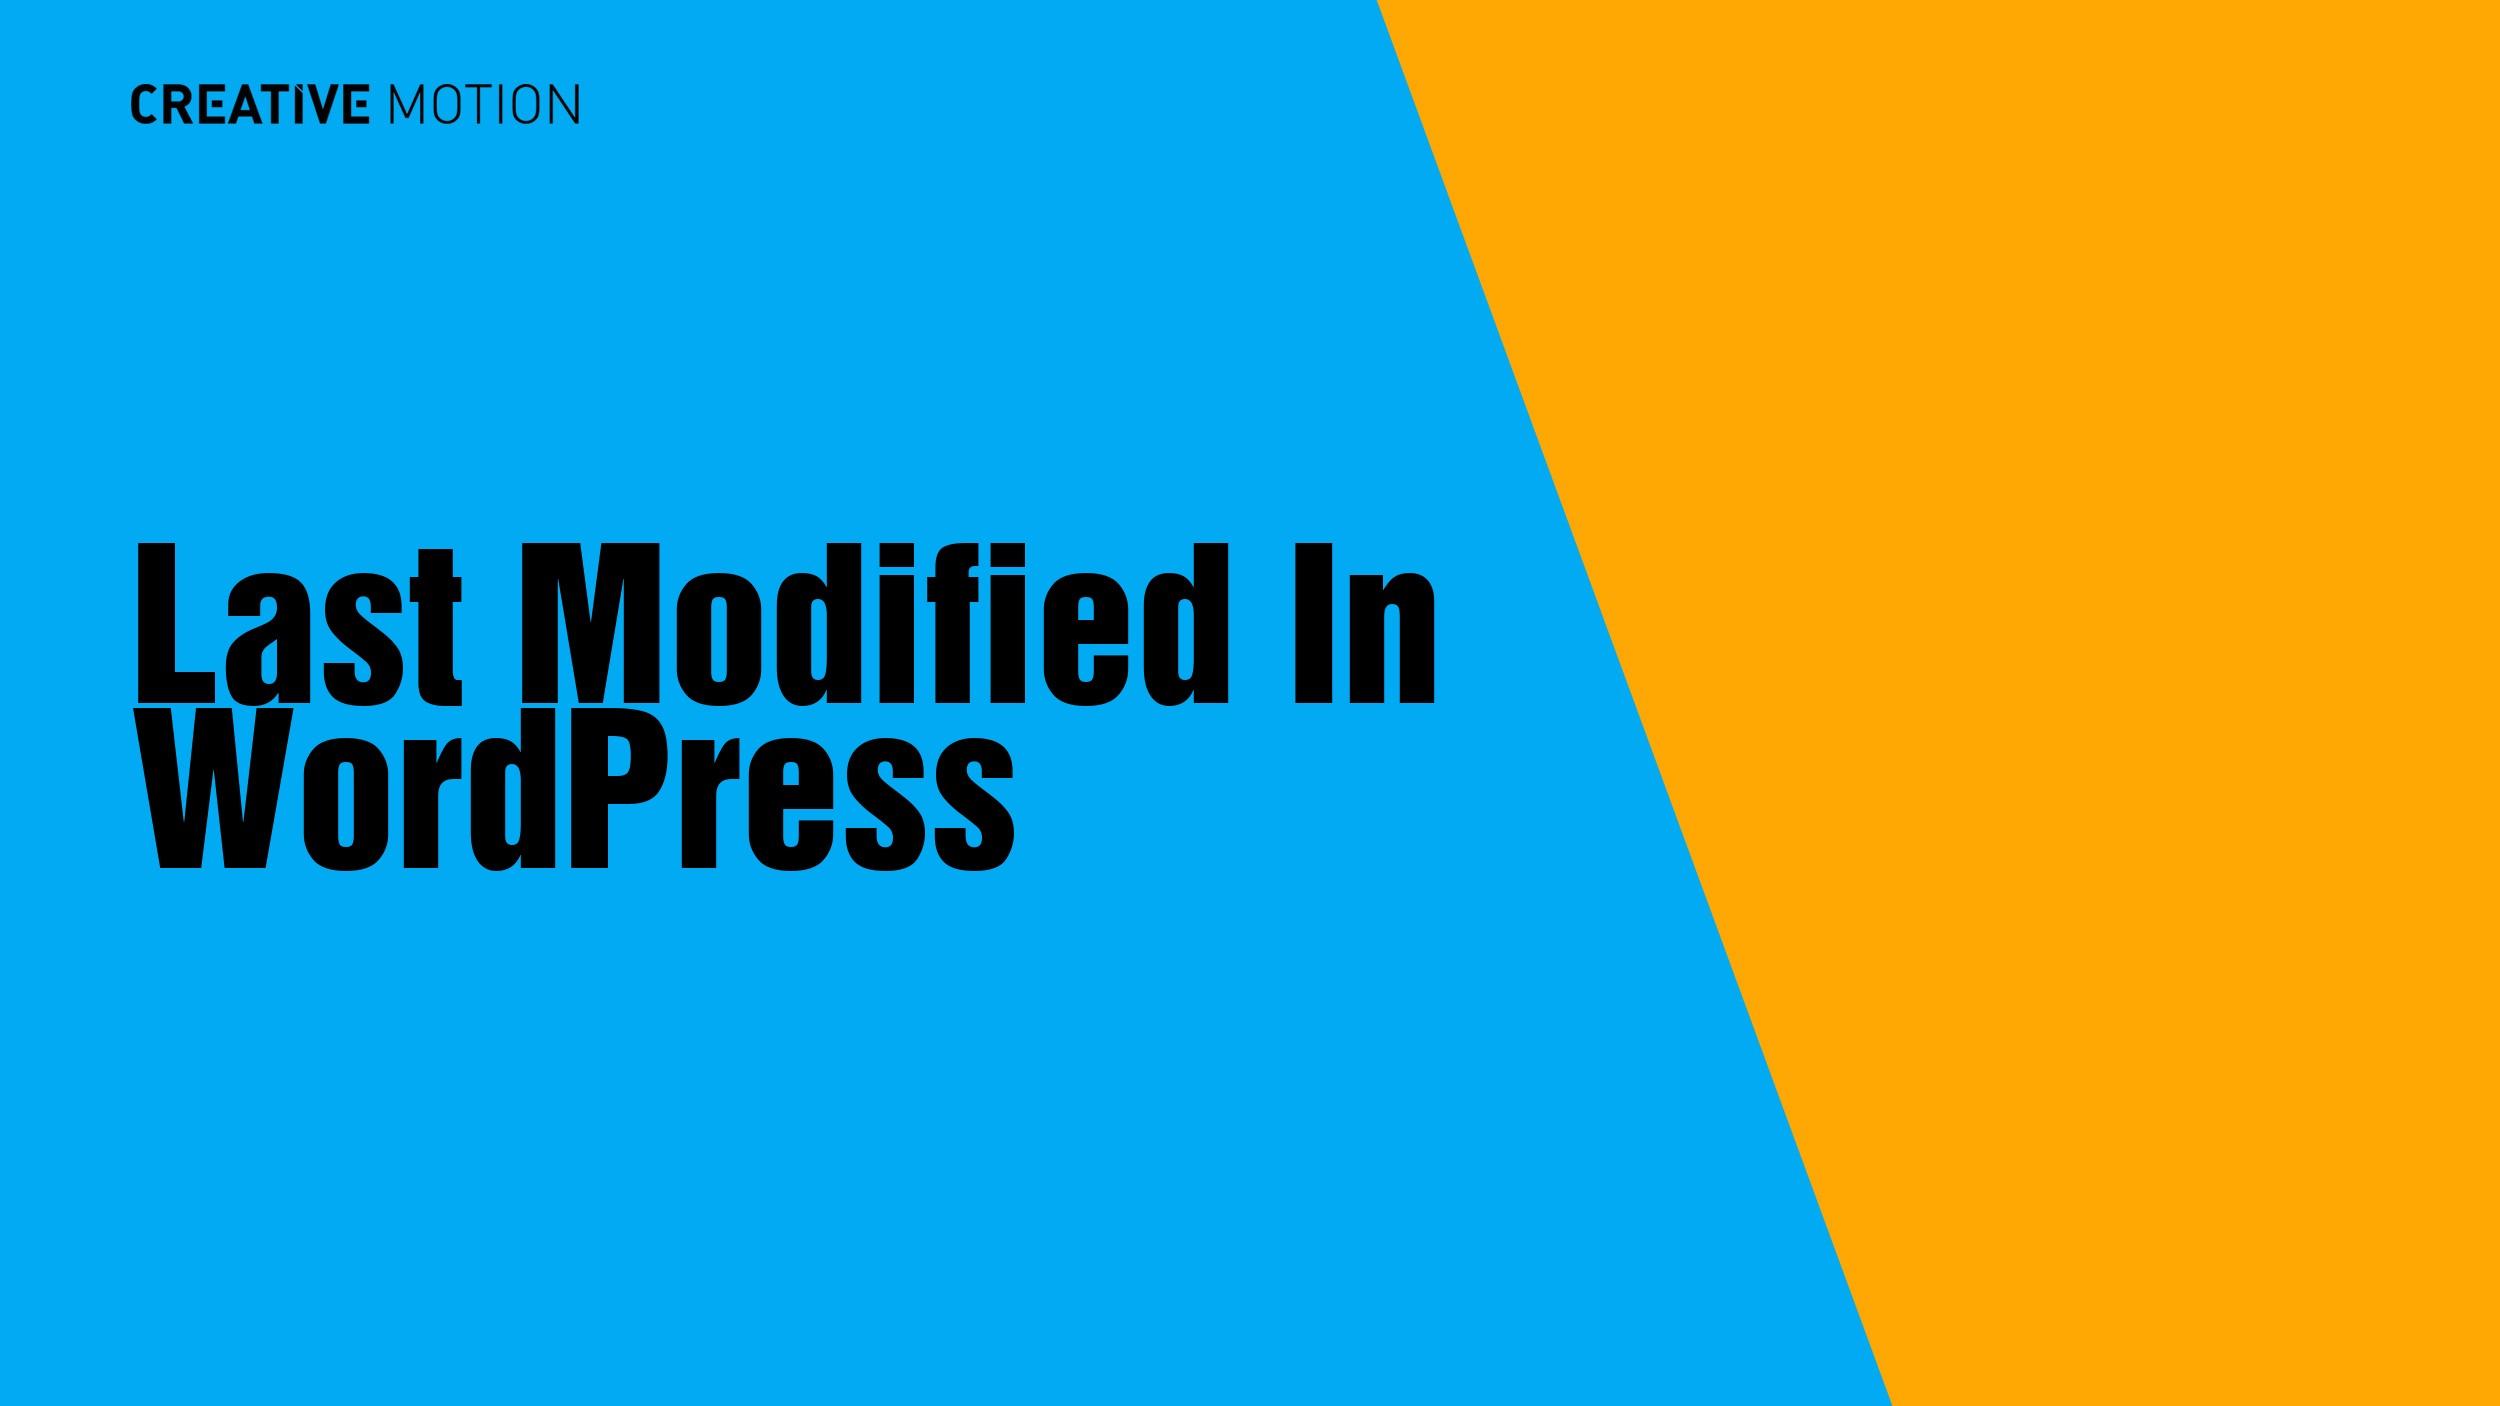 Last Modified In WordPress